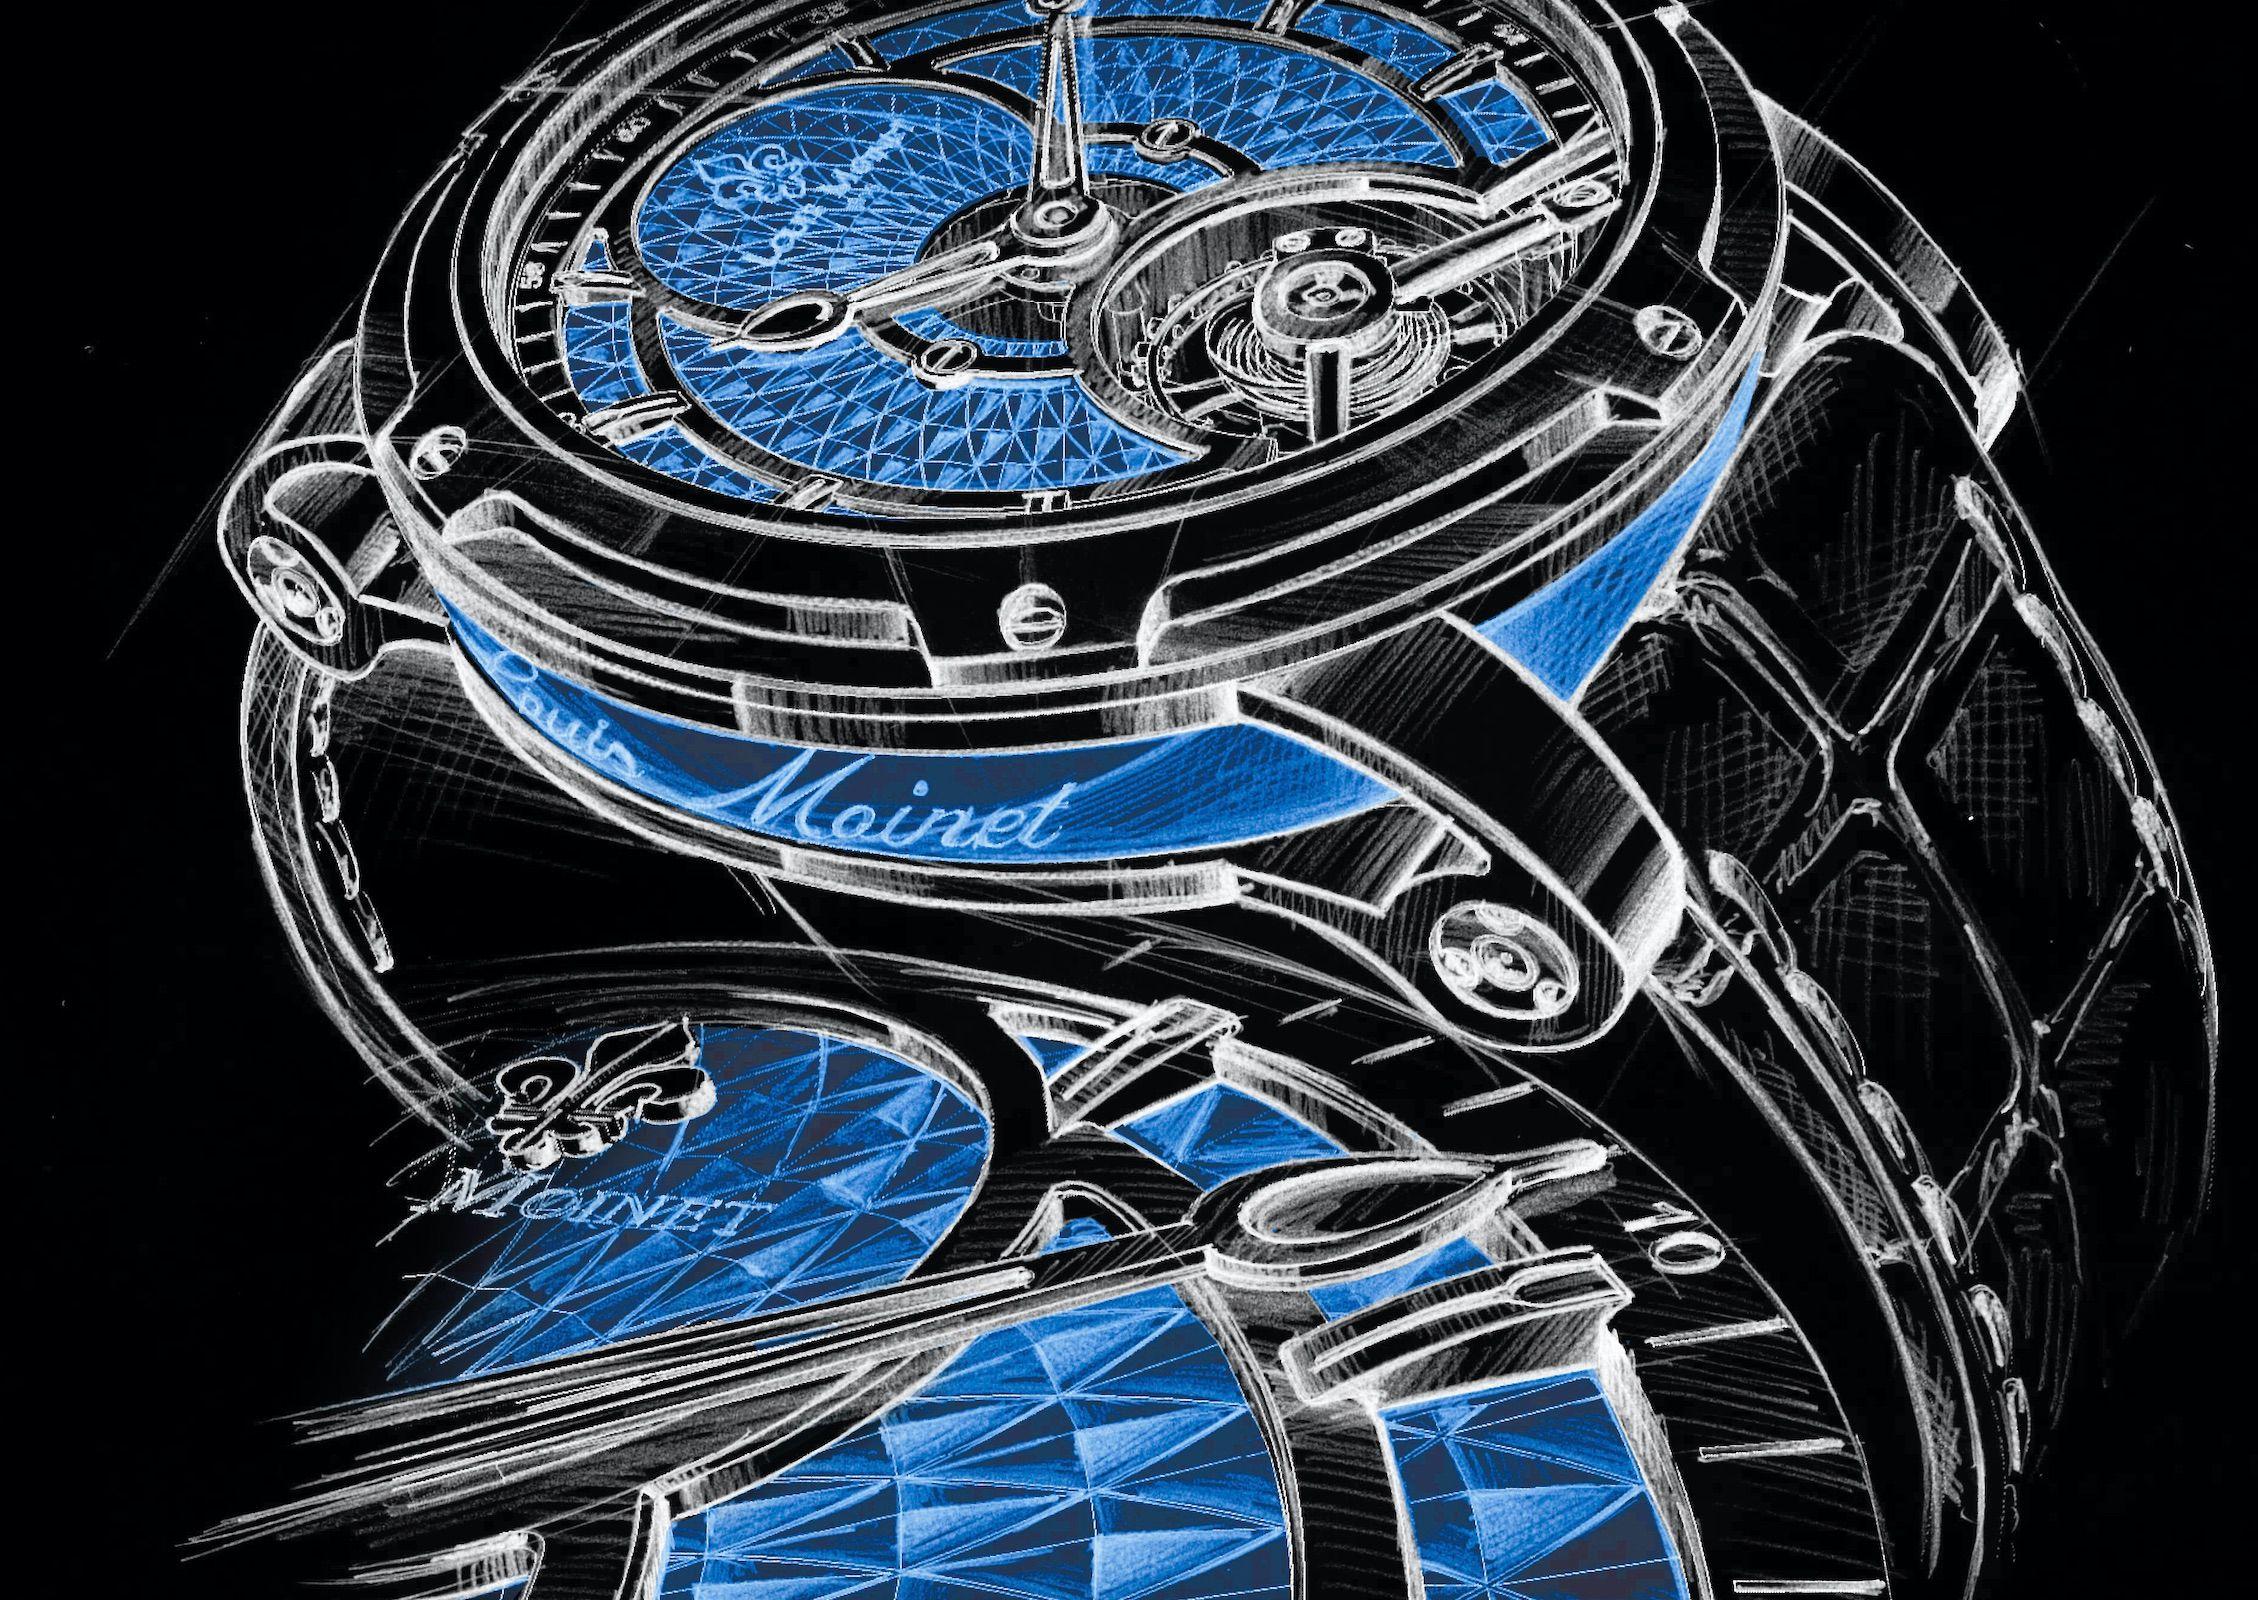 Une symphonie en bleu pour l'horloger français que les Suisses préféreraient oublier…